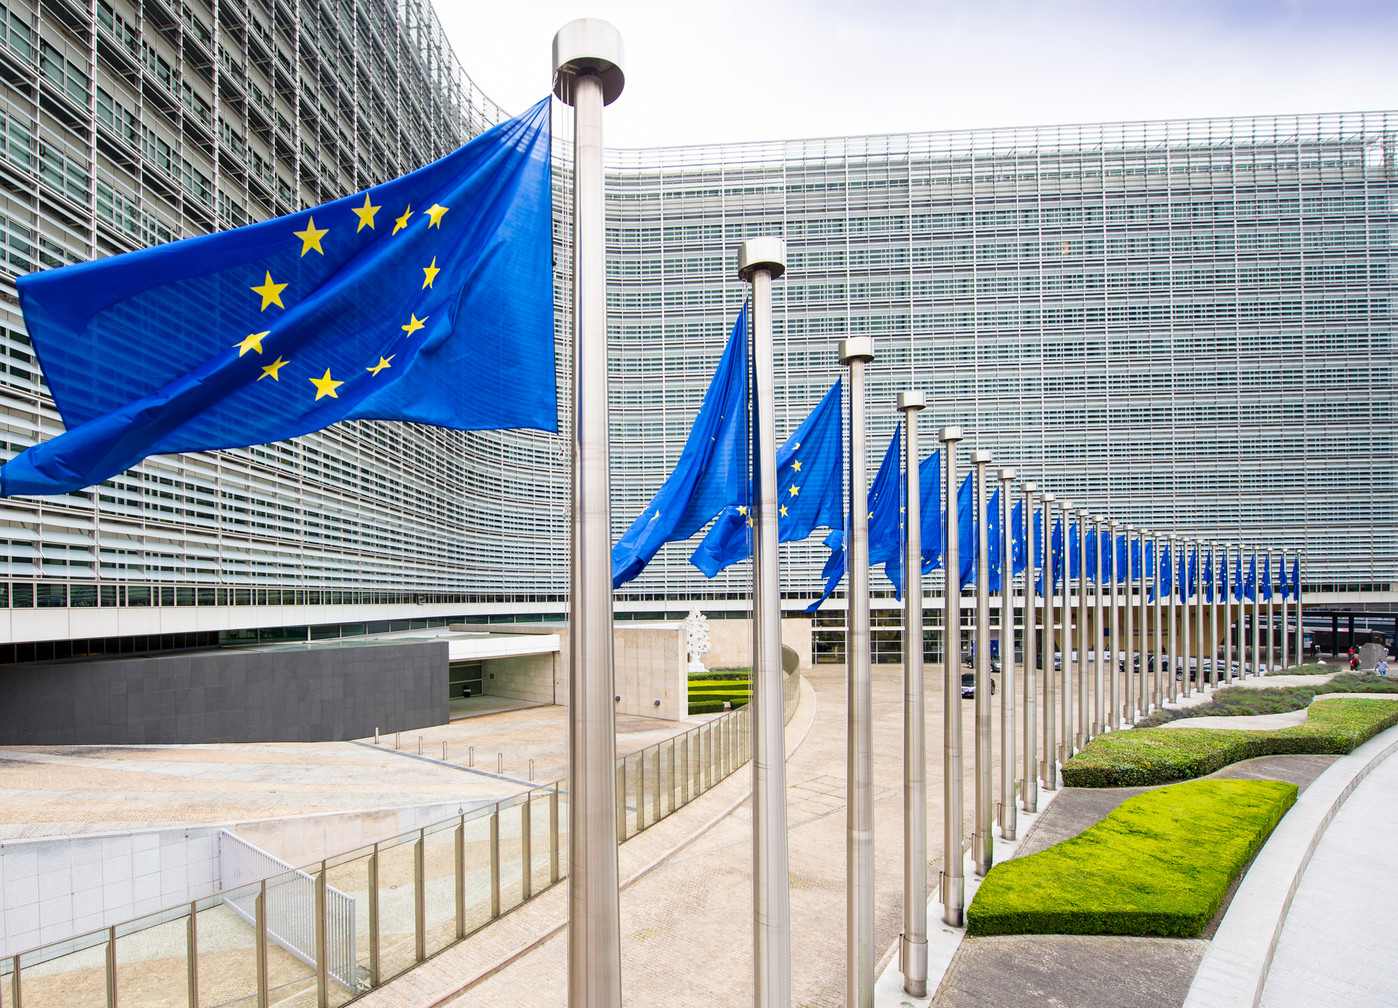 Violences au Burkina Faso: L'Union européenne appelle au respect des droits de l'homme et de l'Etat de droit